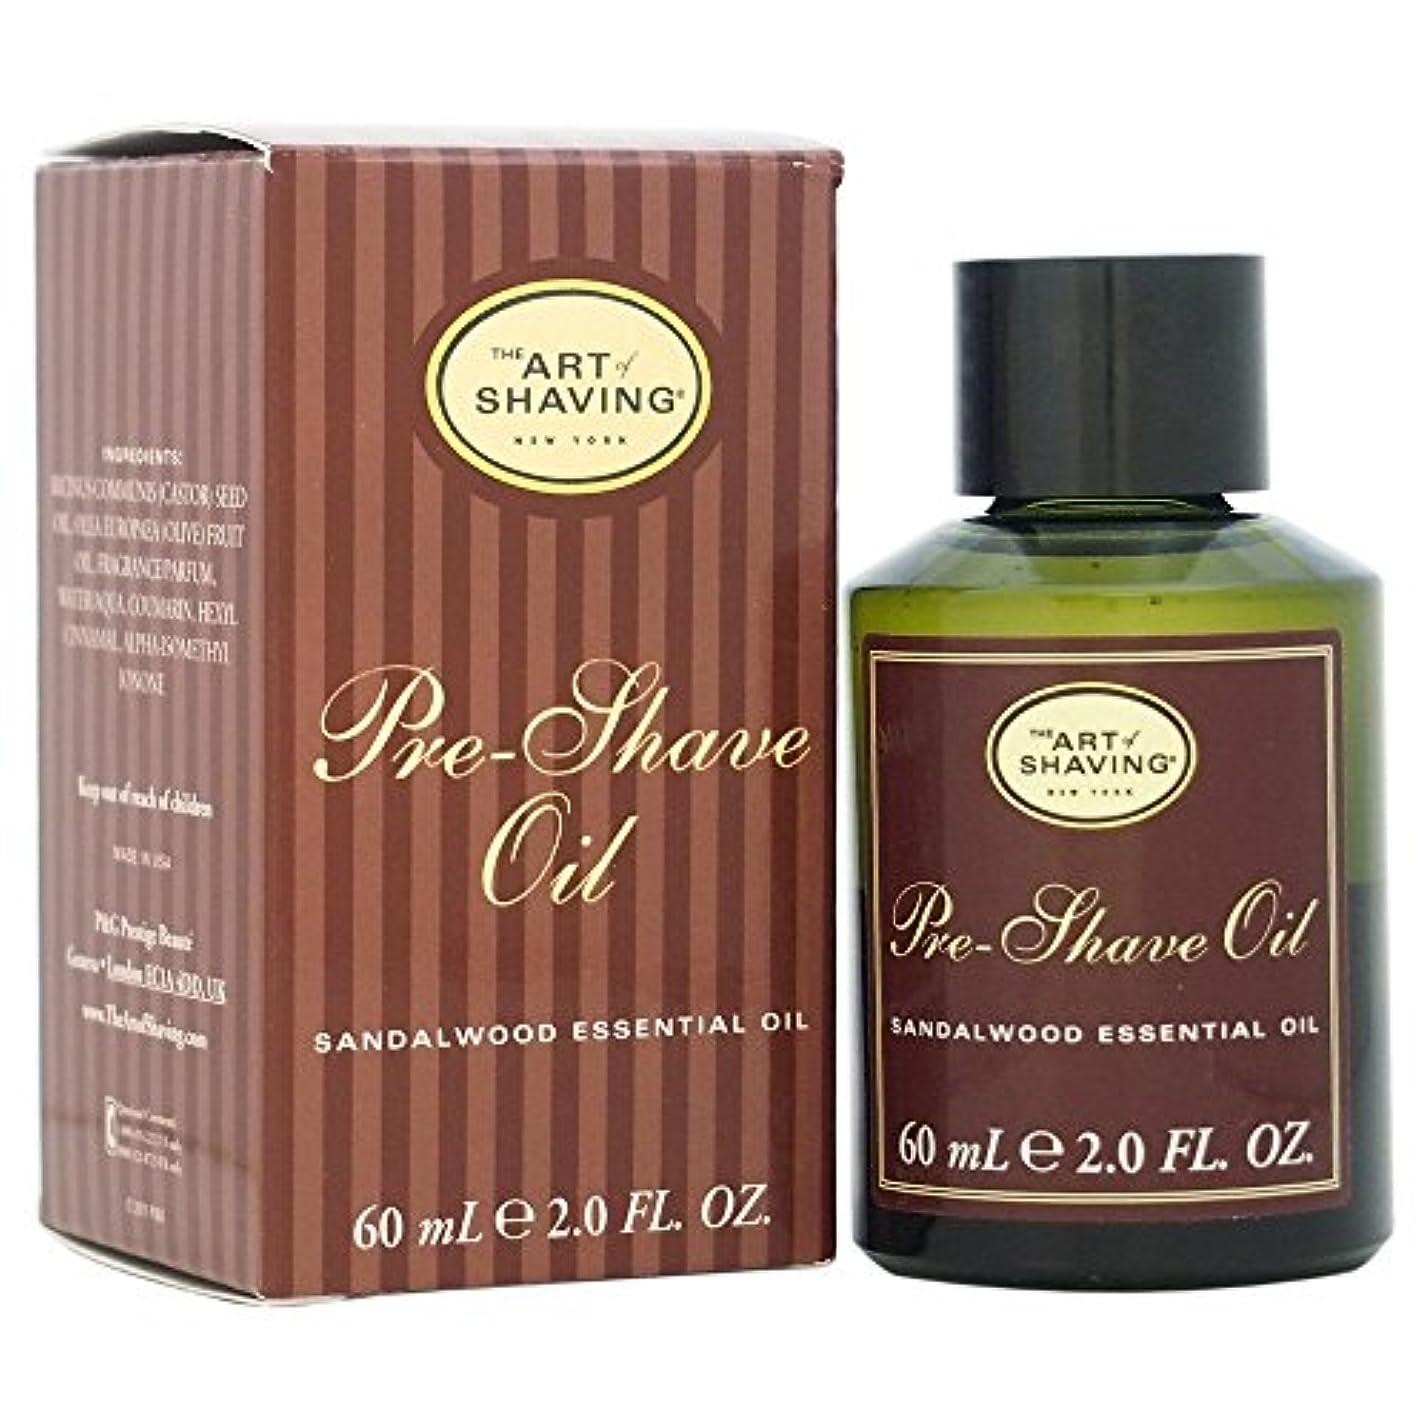 鳥世紀船尾The Art Of Shaving Pre-Shave Oil With Sandalwood Essential Oil (並行輸入品) [並行輸入品]